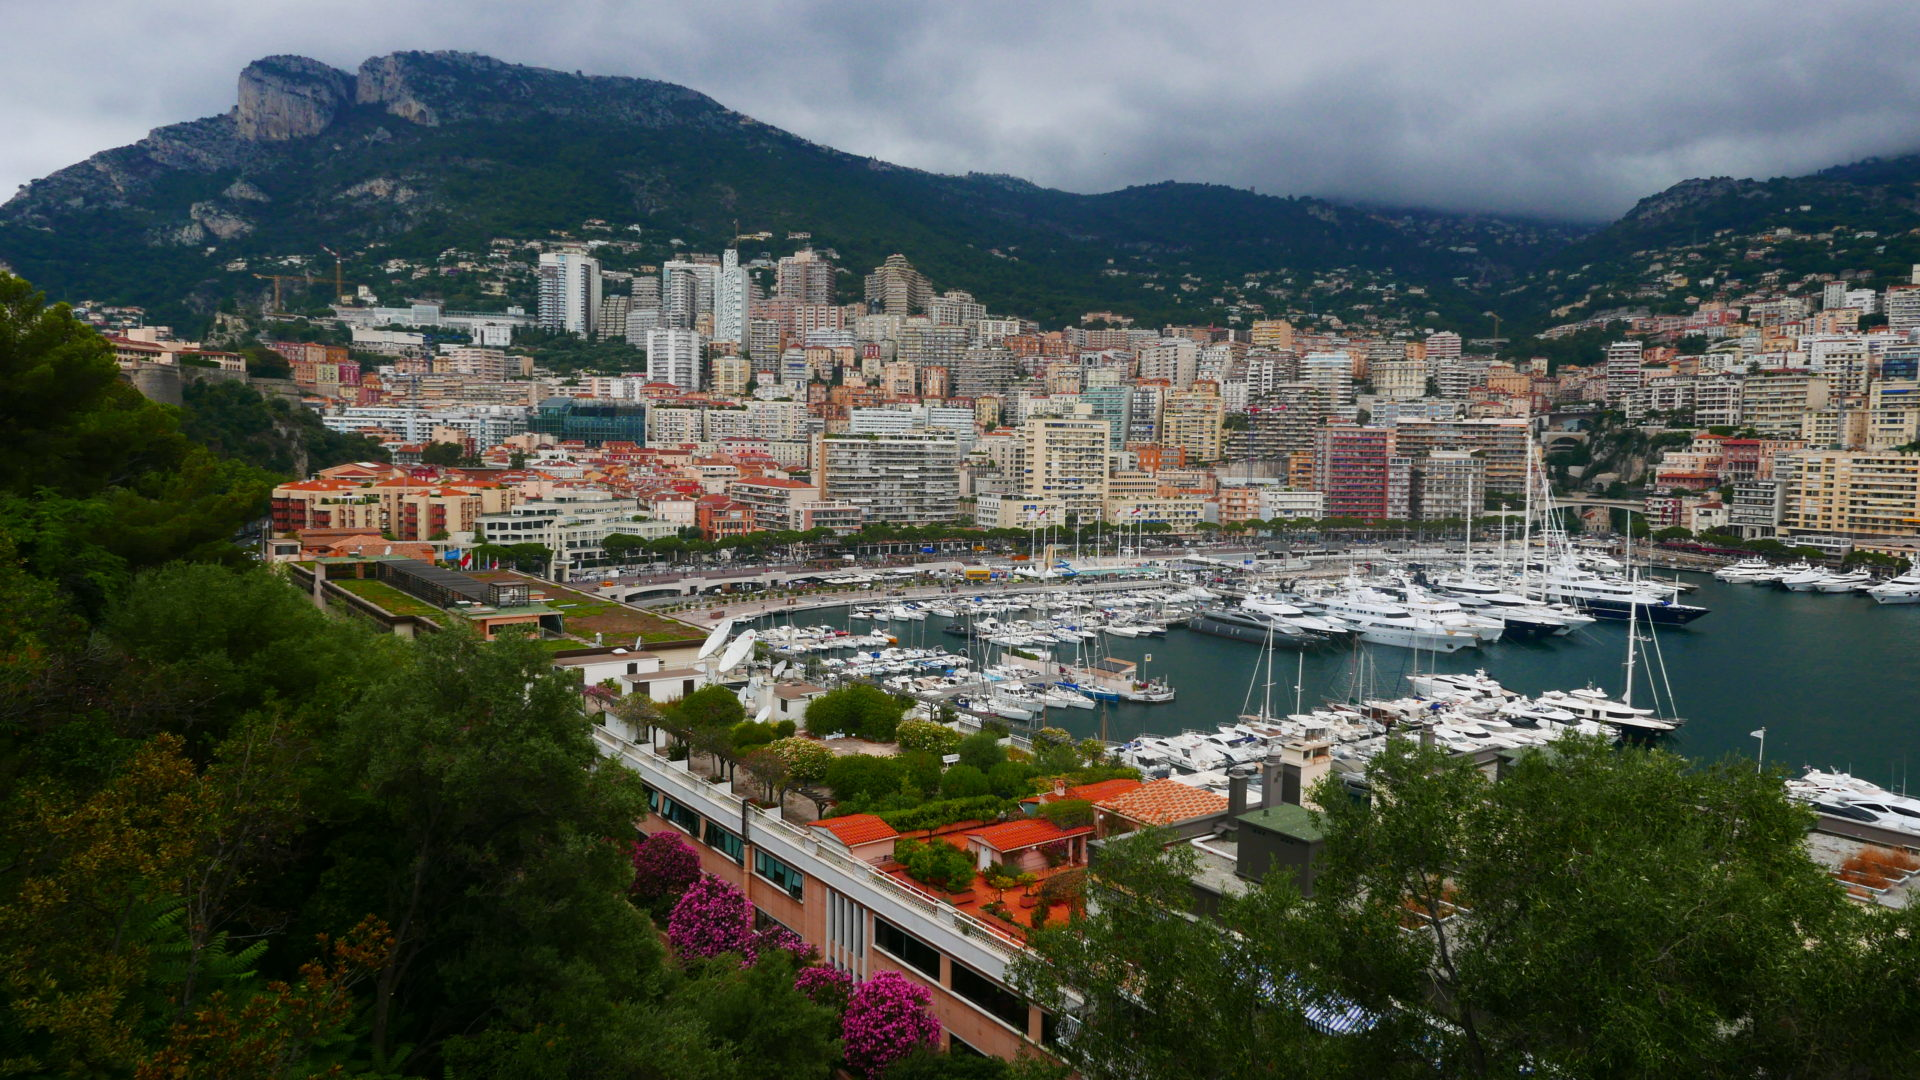 Furtună la Monaco sau cum am pierdut un milion de euro la cazino